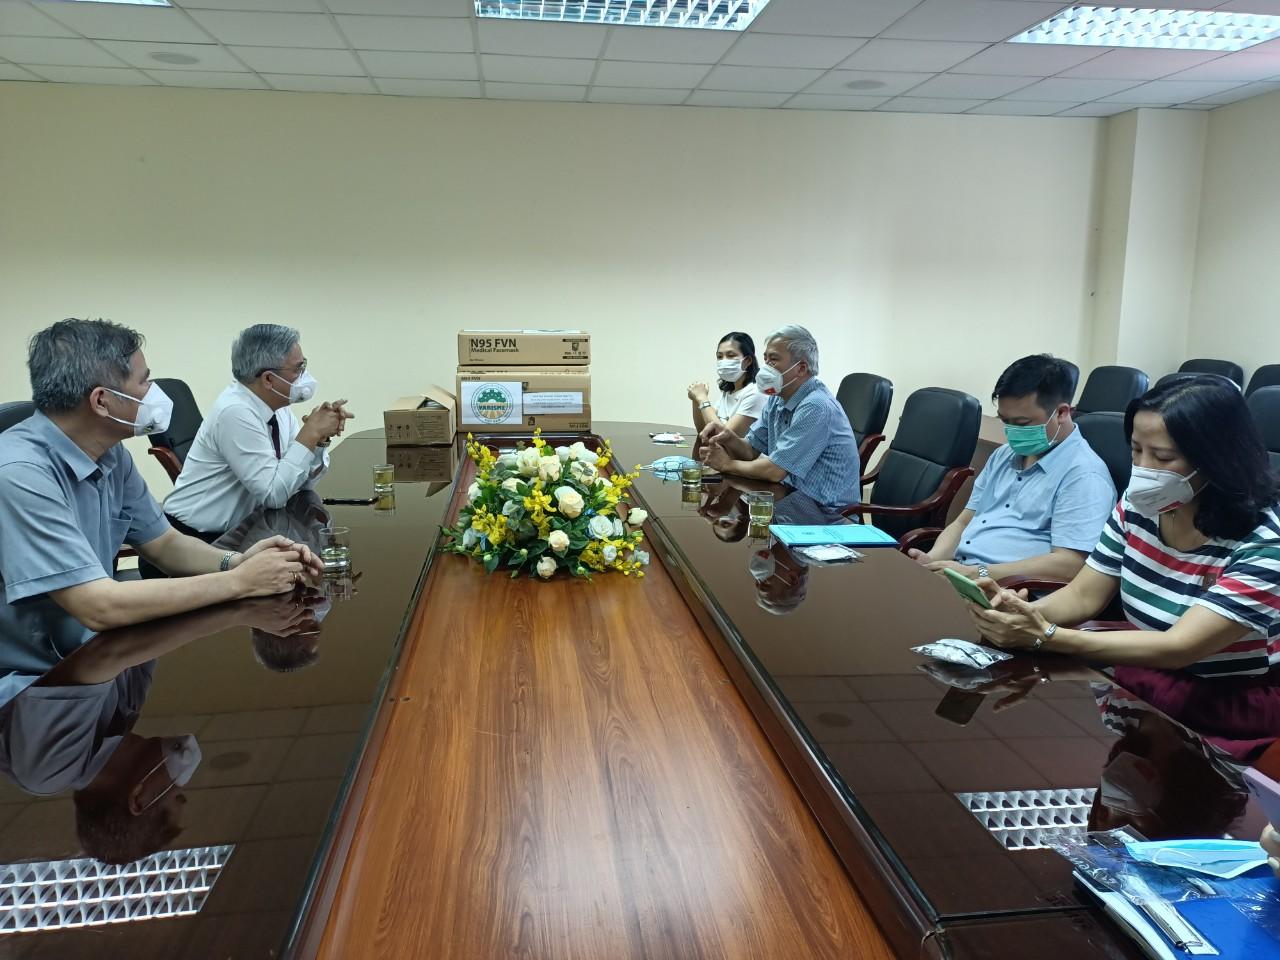 Chủ tịch Hiệp hội VARISME trao đổi cùng lãnh đạo Trung tâm Y tế dự phòng Hà Nội.